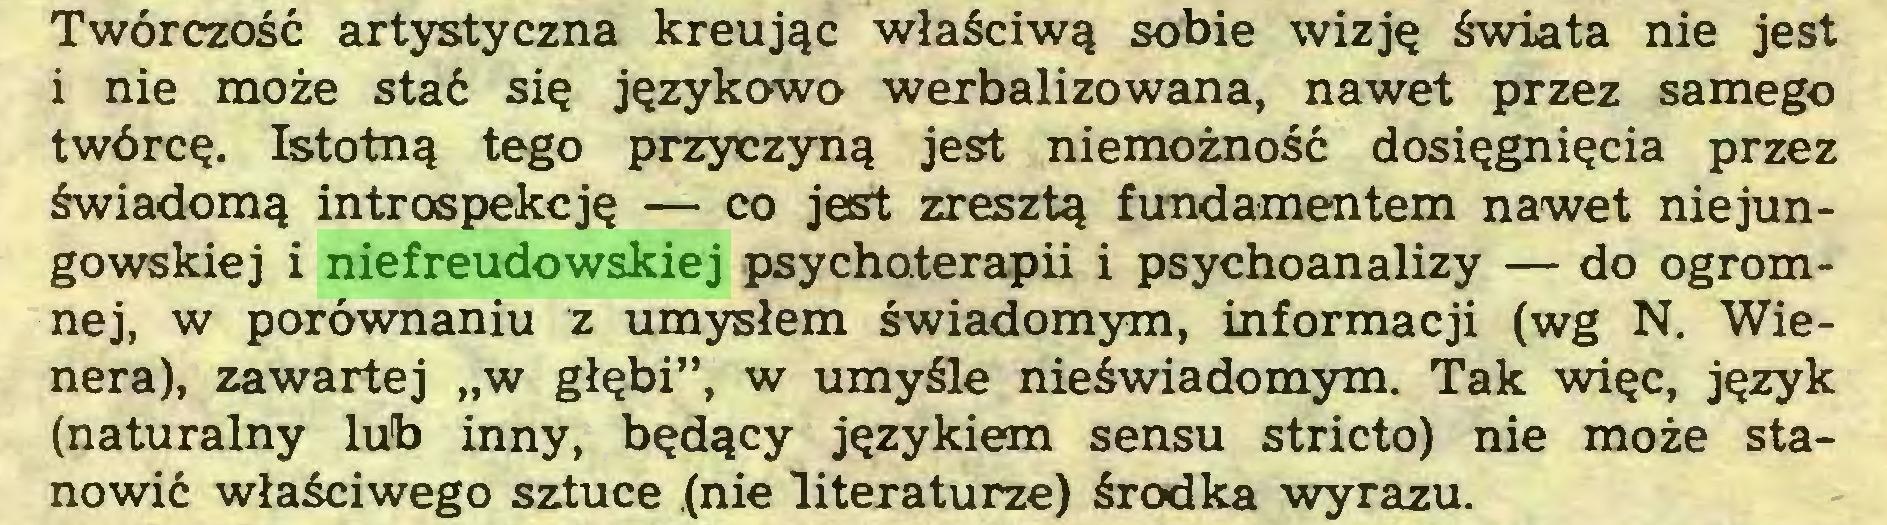 """(...) Twórczość artystyczna kreując właściwą sobie wizję świata nie jest i nie może stać się językowo werbalizowana, nawet przez samego twórcę. Istotną tego przyczyną jest niemożność dosięgnięcia przez świadomą introspekcję — co jest zresztą fundamentem nawet niejungowskiej i niefreudowskiej psychoterapii i psychoanalizy — do ogromnej, w porównaniu z umysłem świadomym, informacji (wg N. Wienera), zawartej """"w głębi"""", w umyśle nieświadomym. Tak więc, język (naturalny lub inny, będący językiem sensu stricto) nie może stanowić właściwego sztuce (nie literaturze) środka wyrazu..."""